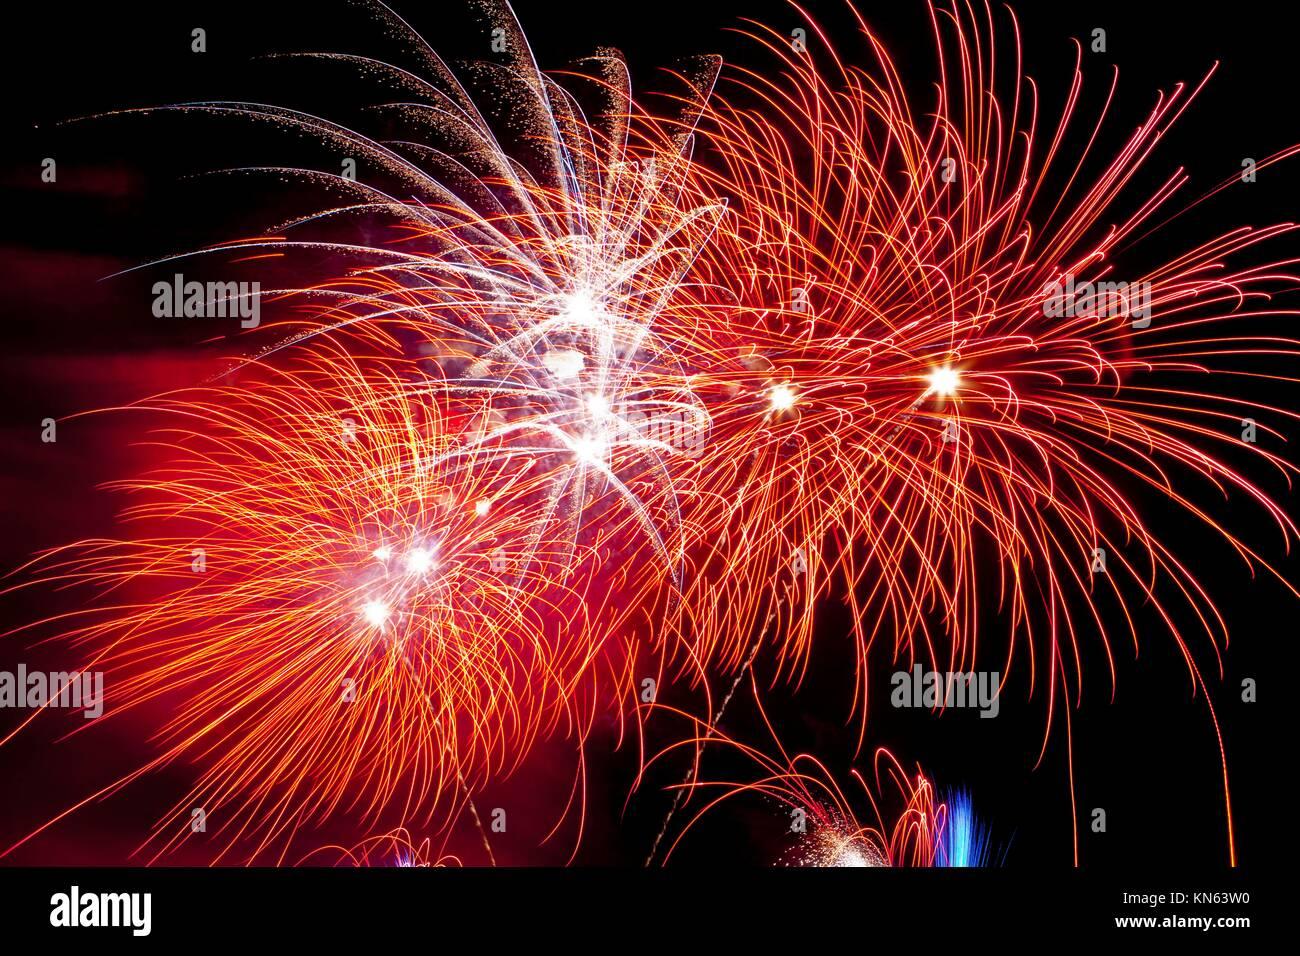 Coloratissimi fuochi d'artificio a San Juan night festa, Spagna. Immagini Stock